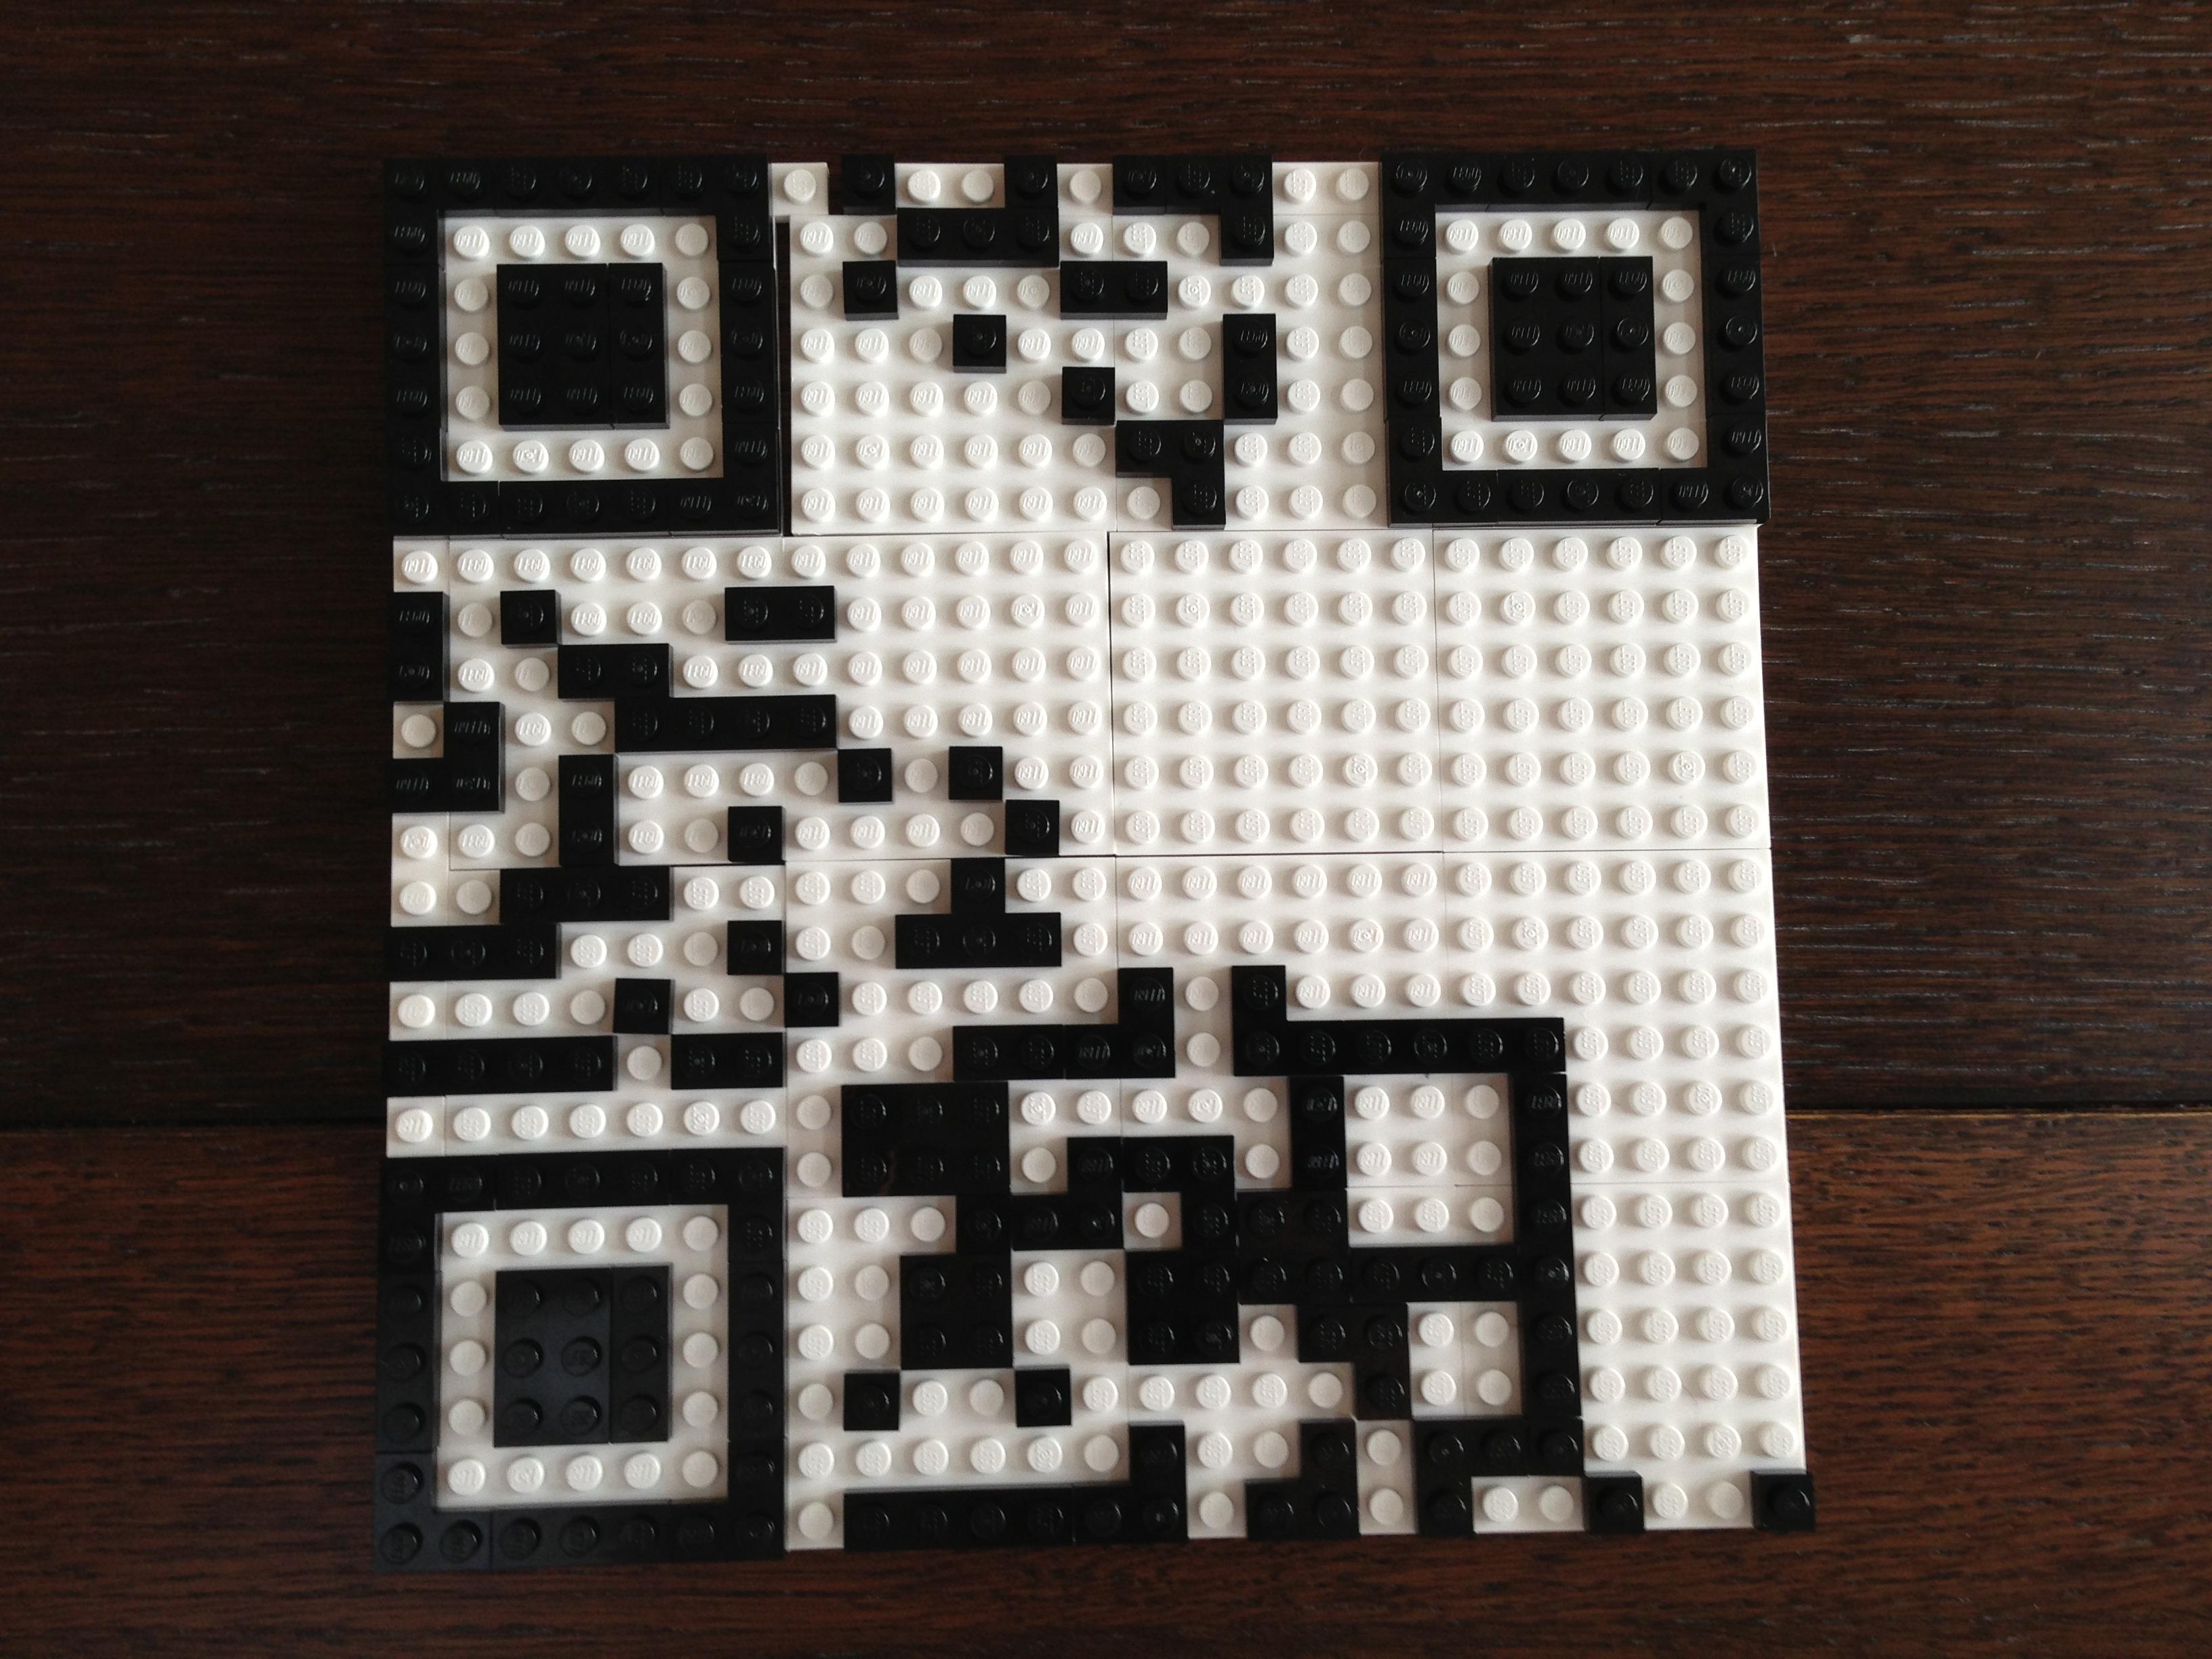 Lego QR 9